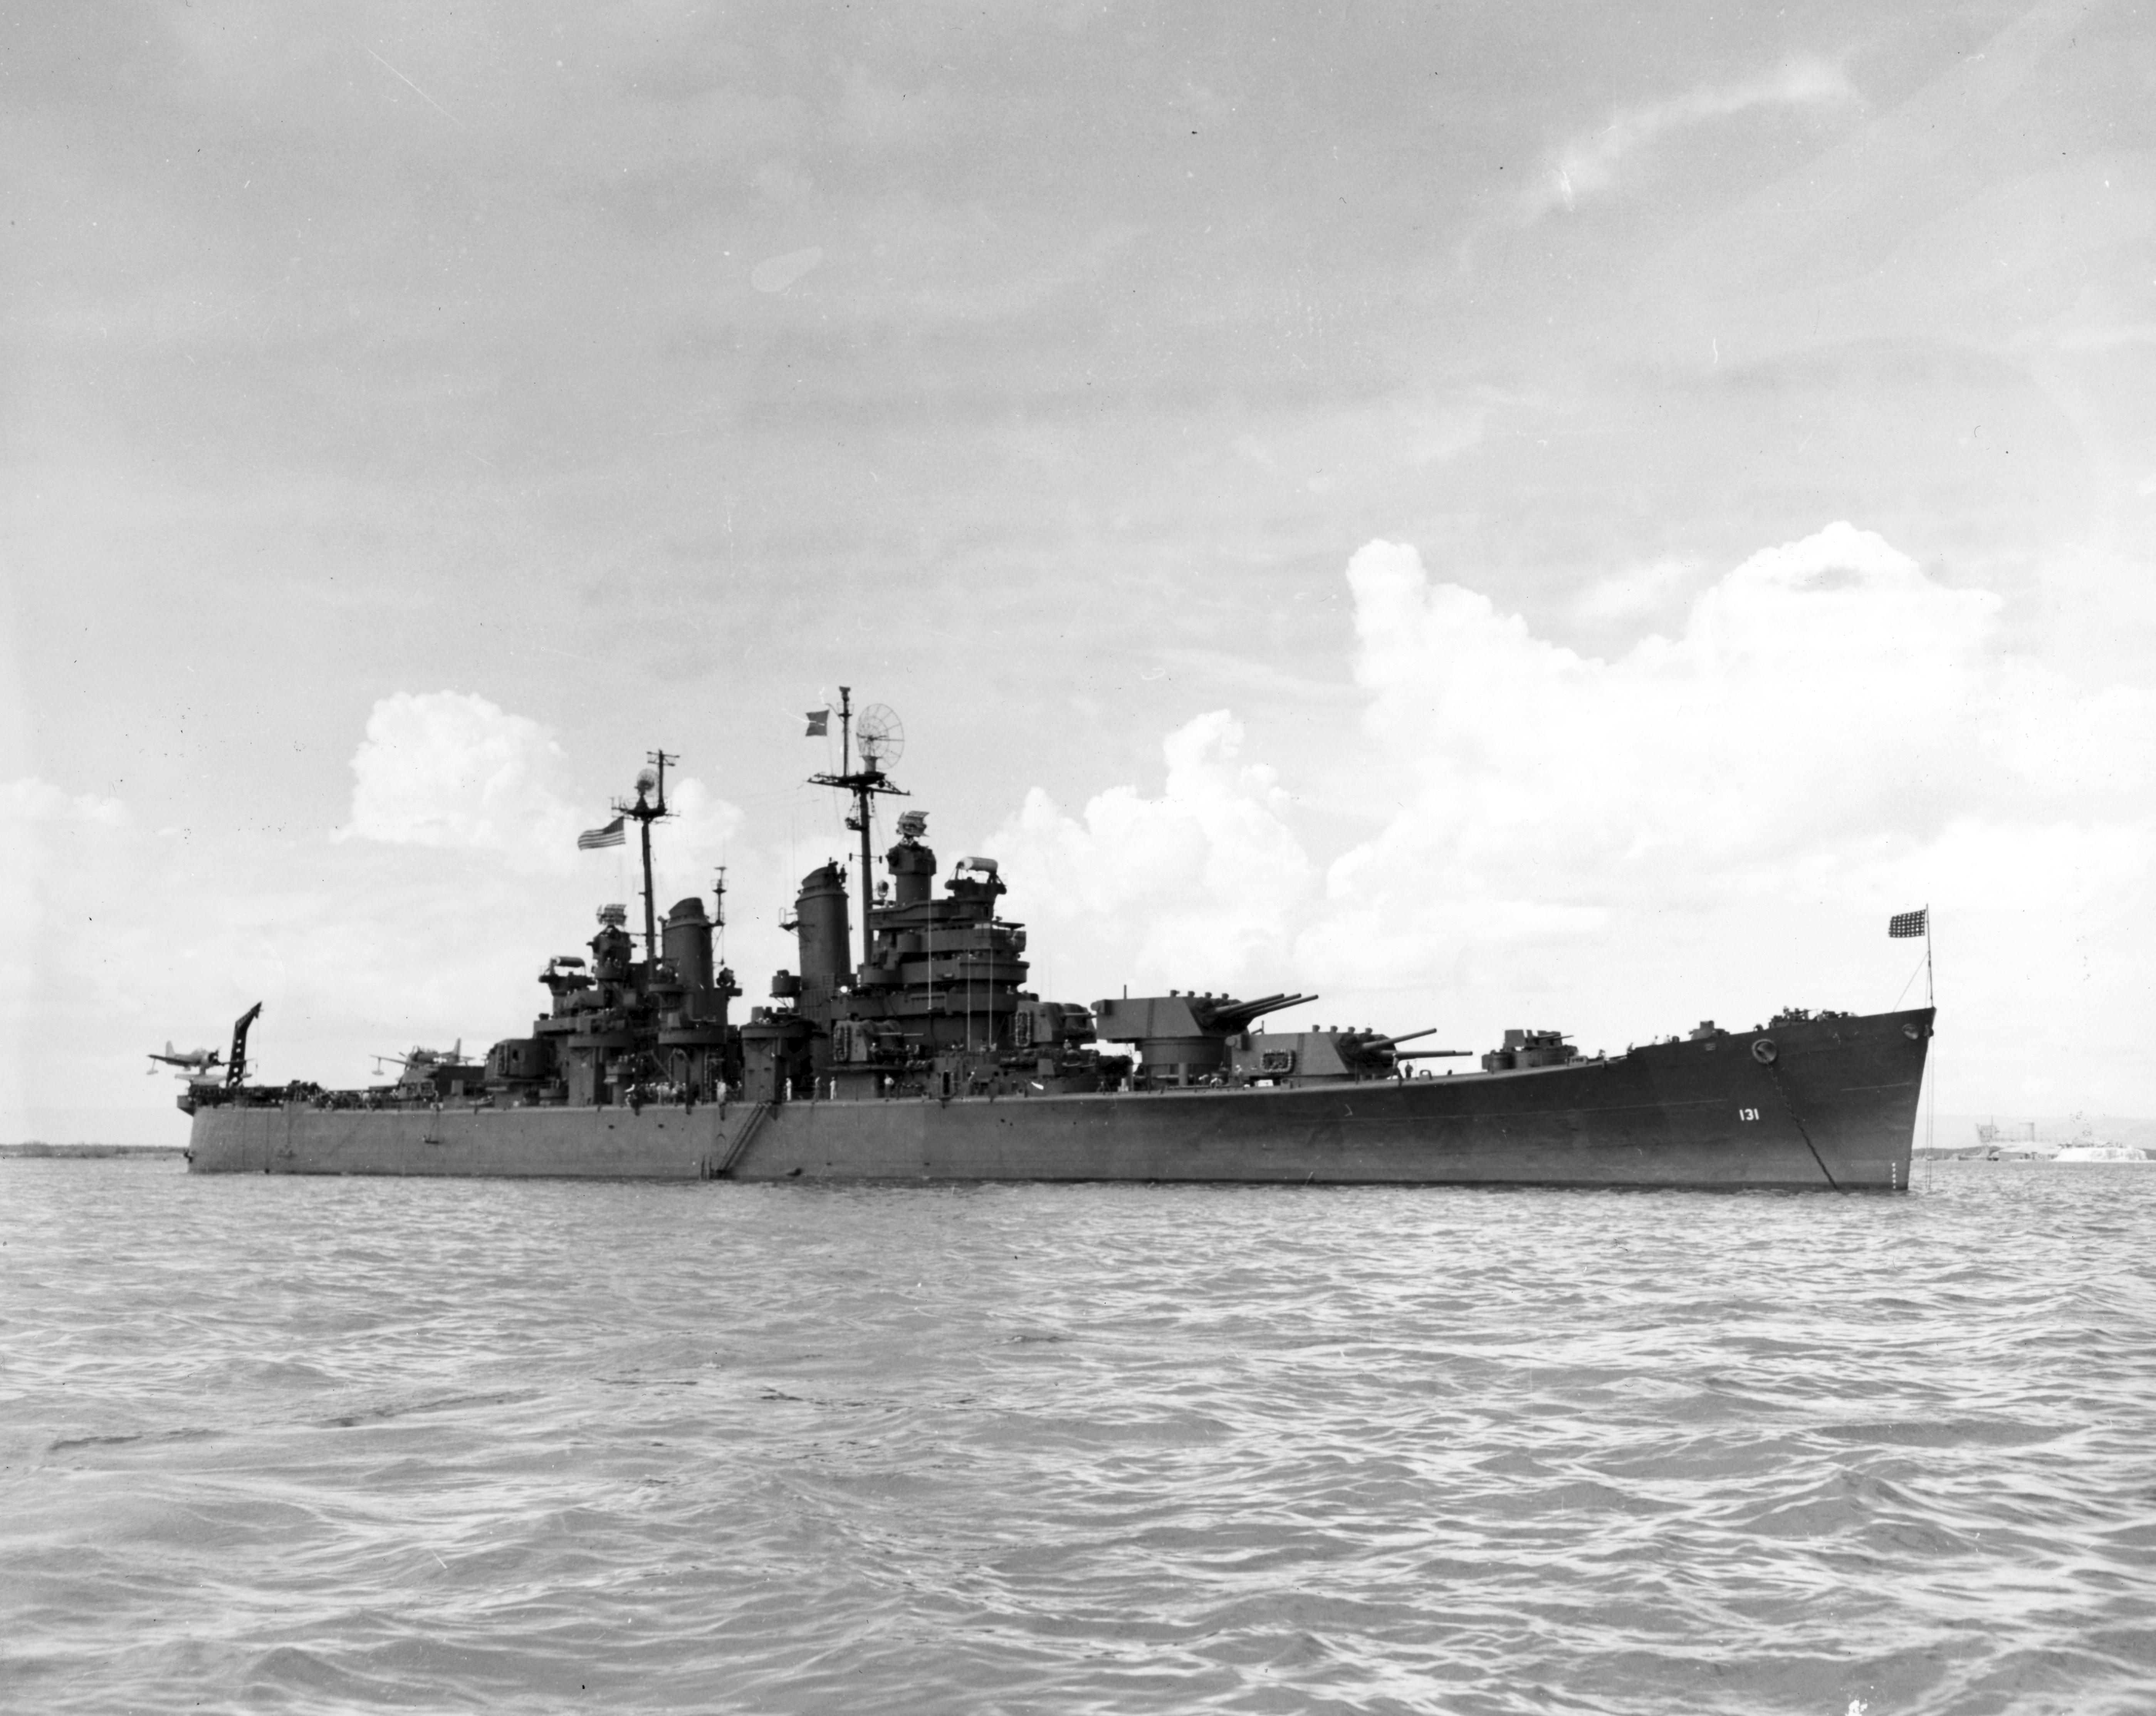 USS Fall River (CA-6) - Wikipedia